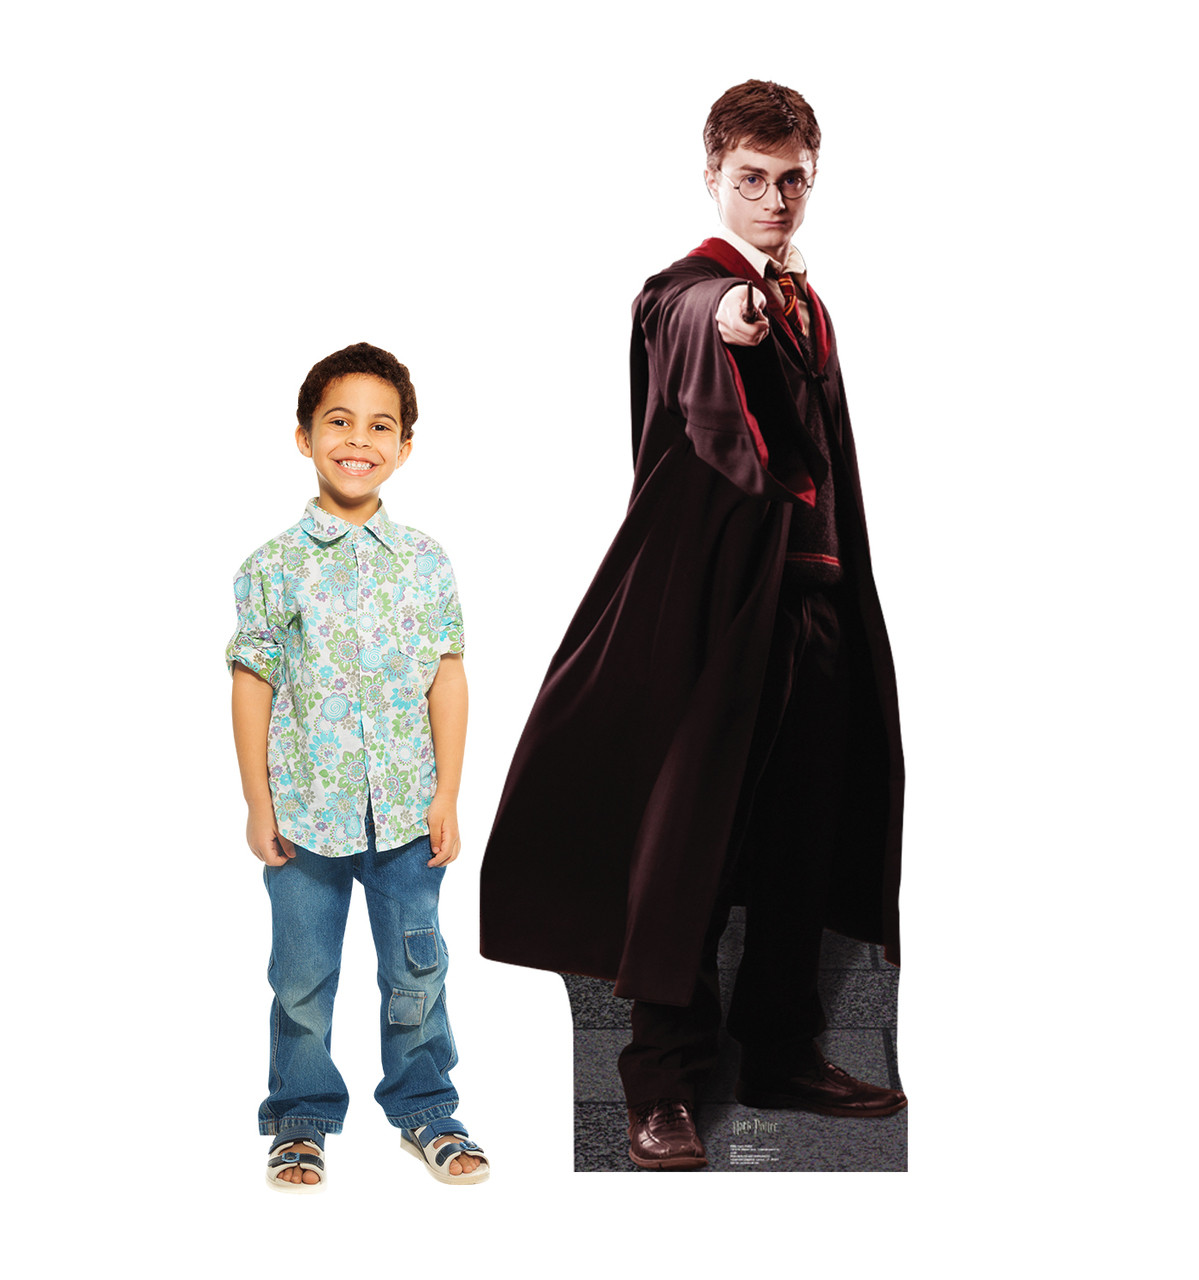 Harry Potter Lifesize Cardboard Cutout